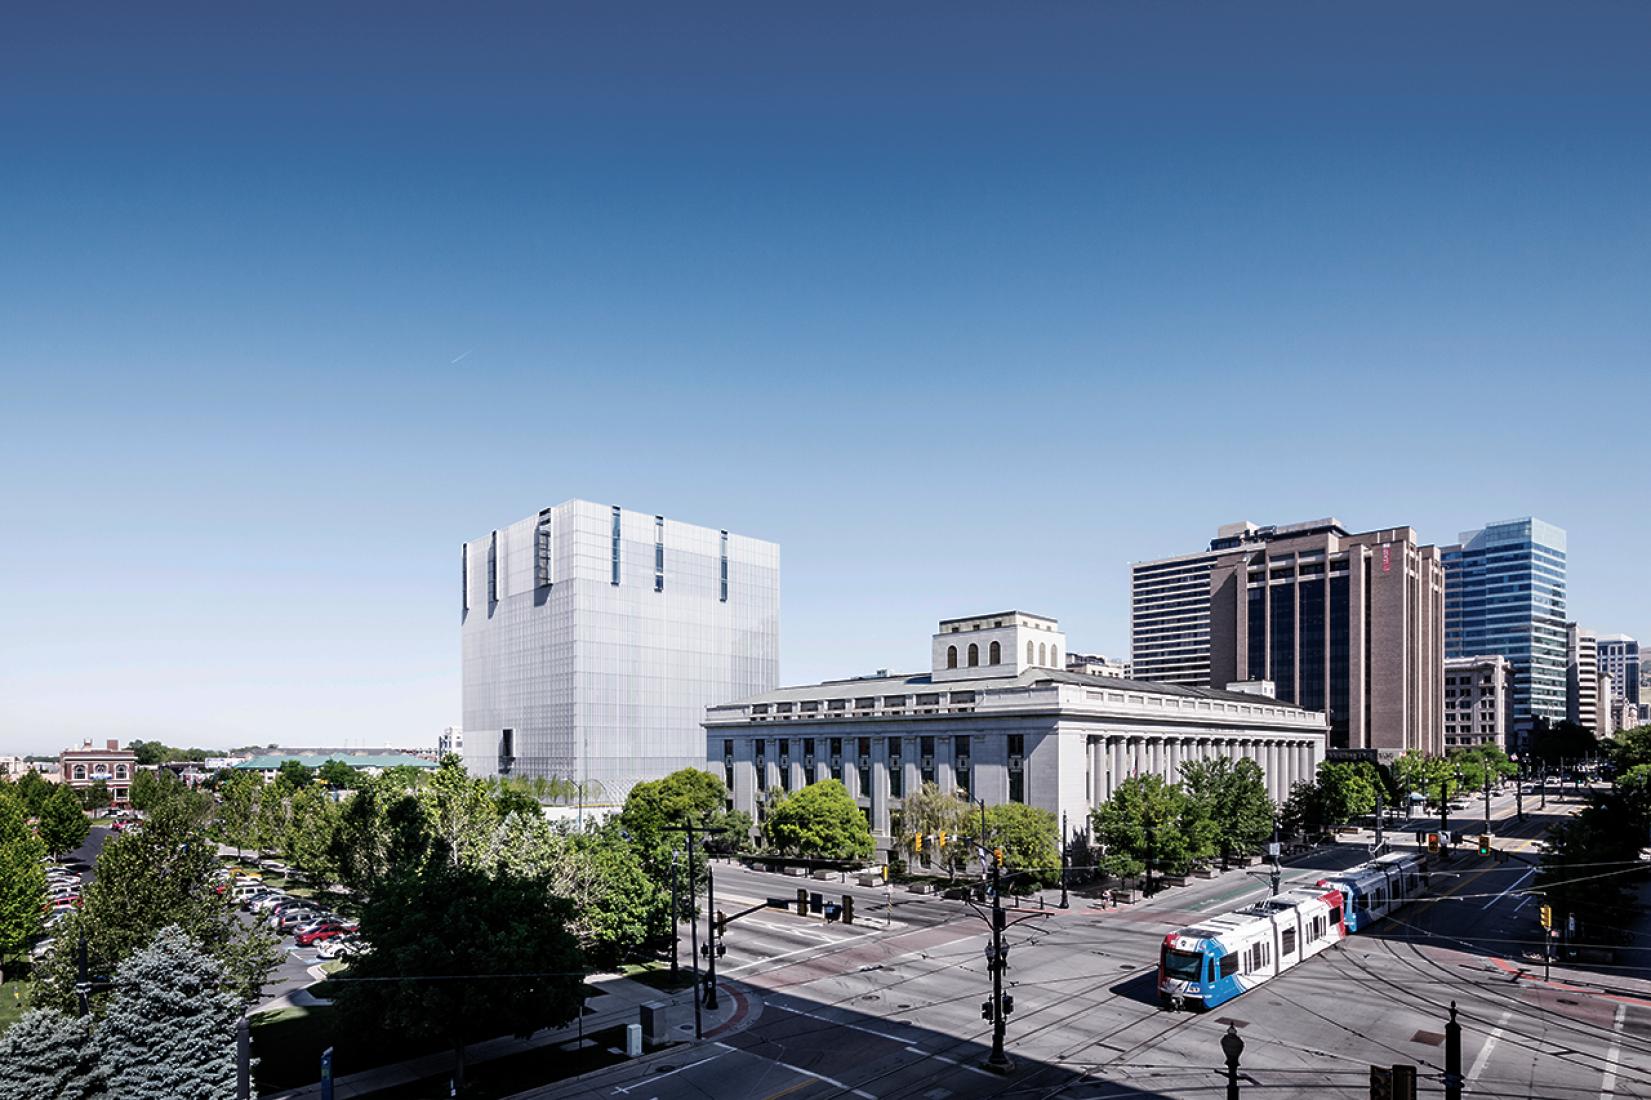 Vista desde el centro de la ciudad. Sede de la Corte Federal en Salt Lake City, Utah, EE.UU. (2014) por Thomas Phifer and Partners. Fotografía © Scott Frances.